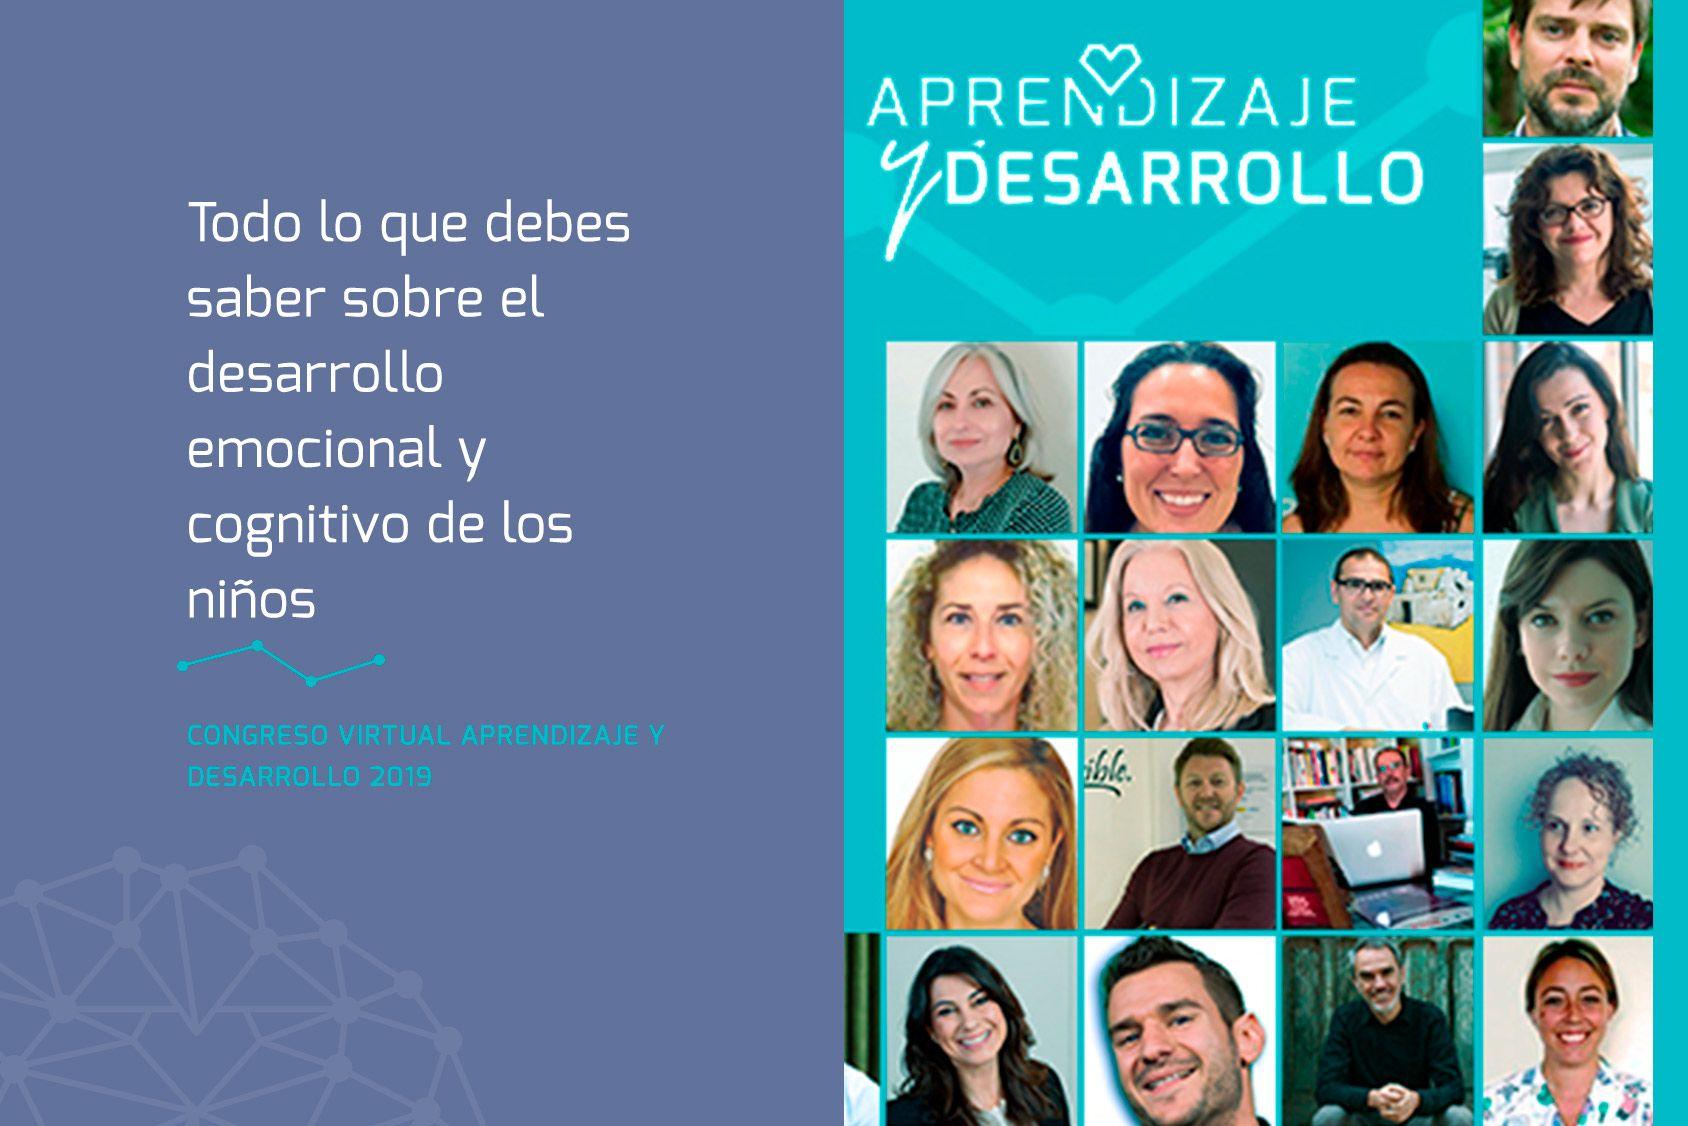 Congreso Virtual Aprendizaje y Desarrollo